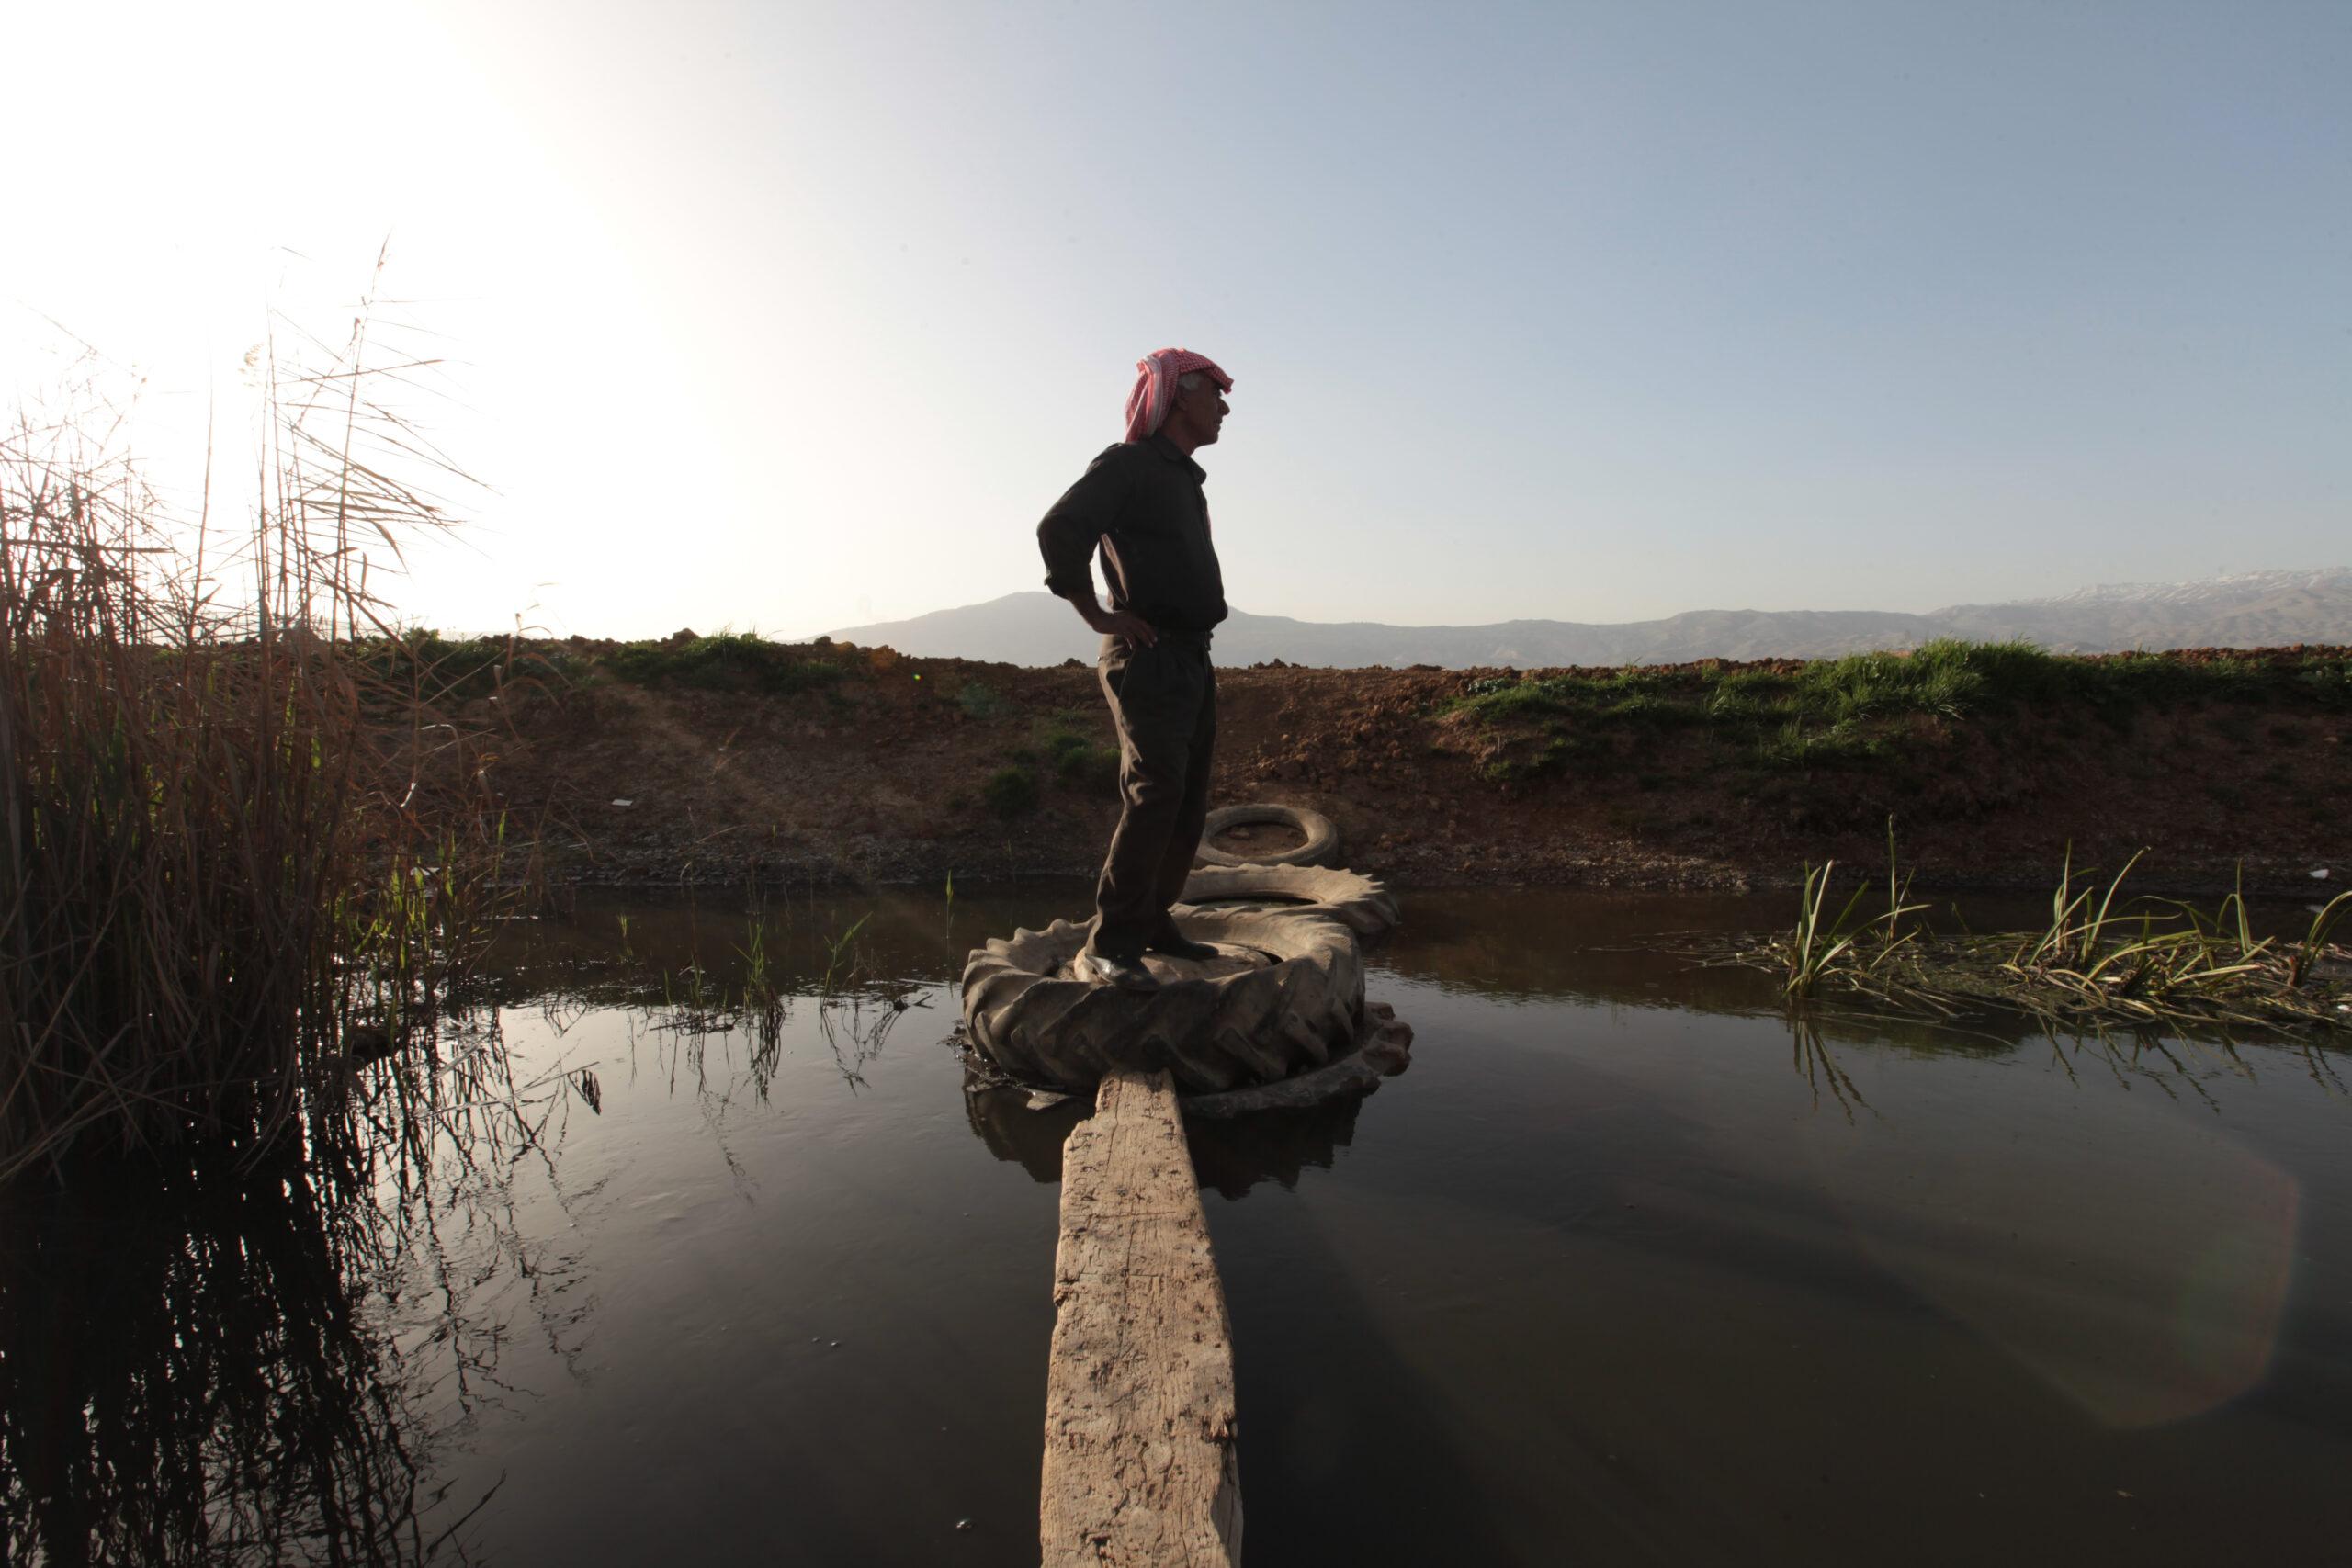 ثلاثة أحكام في قضايا تلويث الليطاني: عقوبات معتدلة تهدف لوقف التلوث وتأهيل النهر